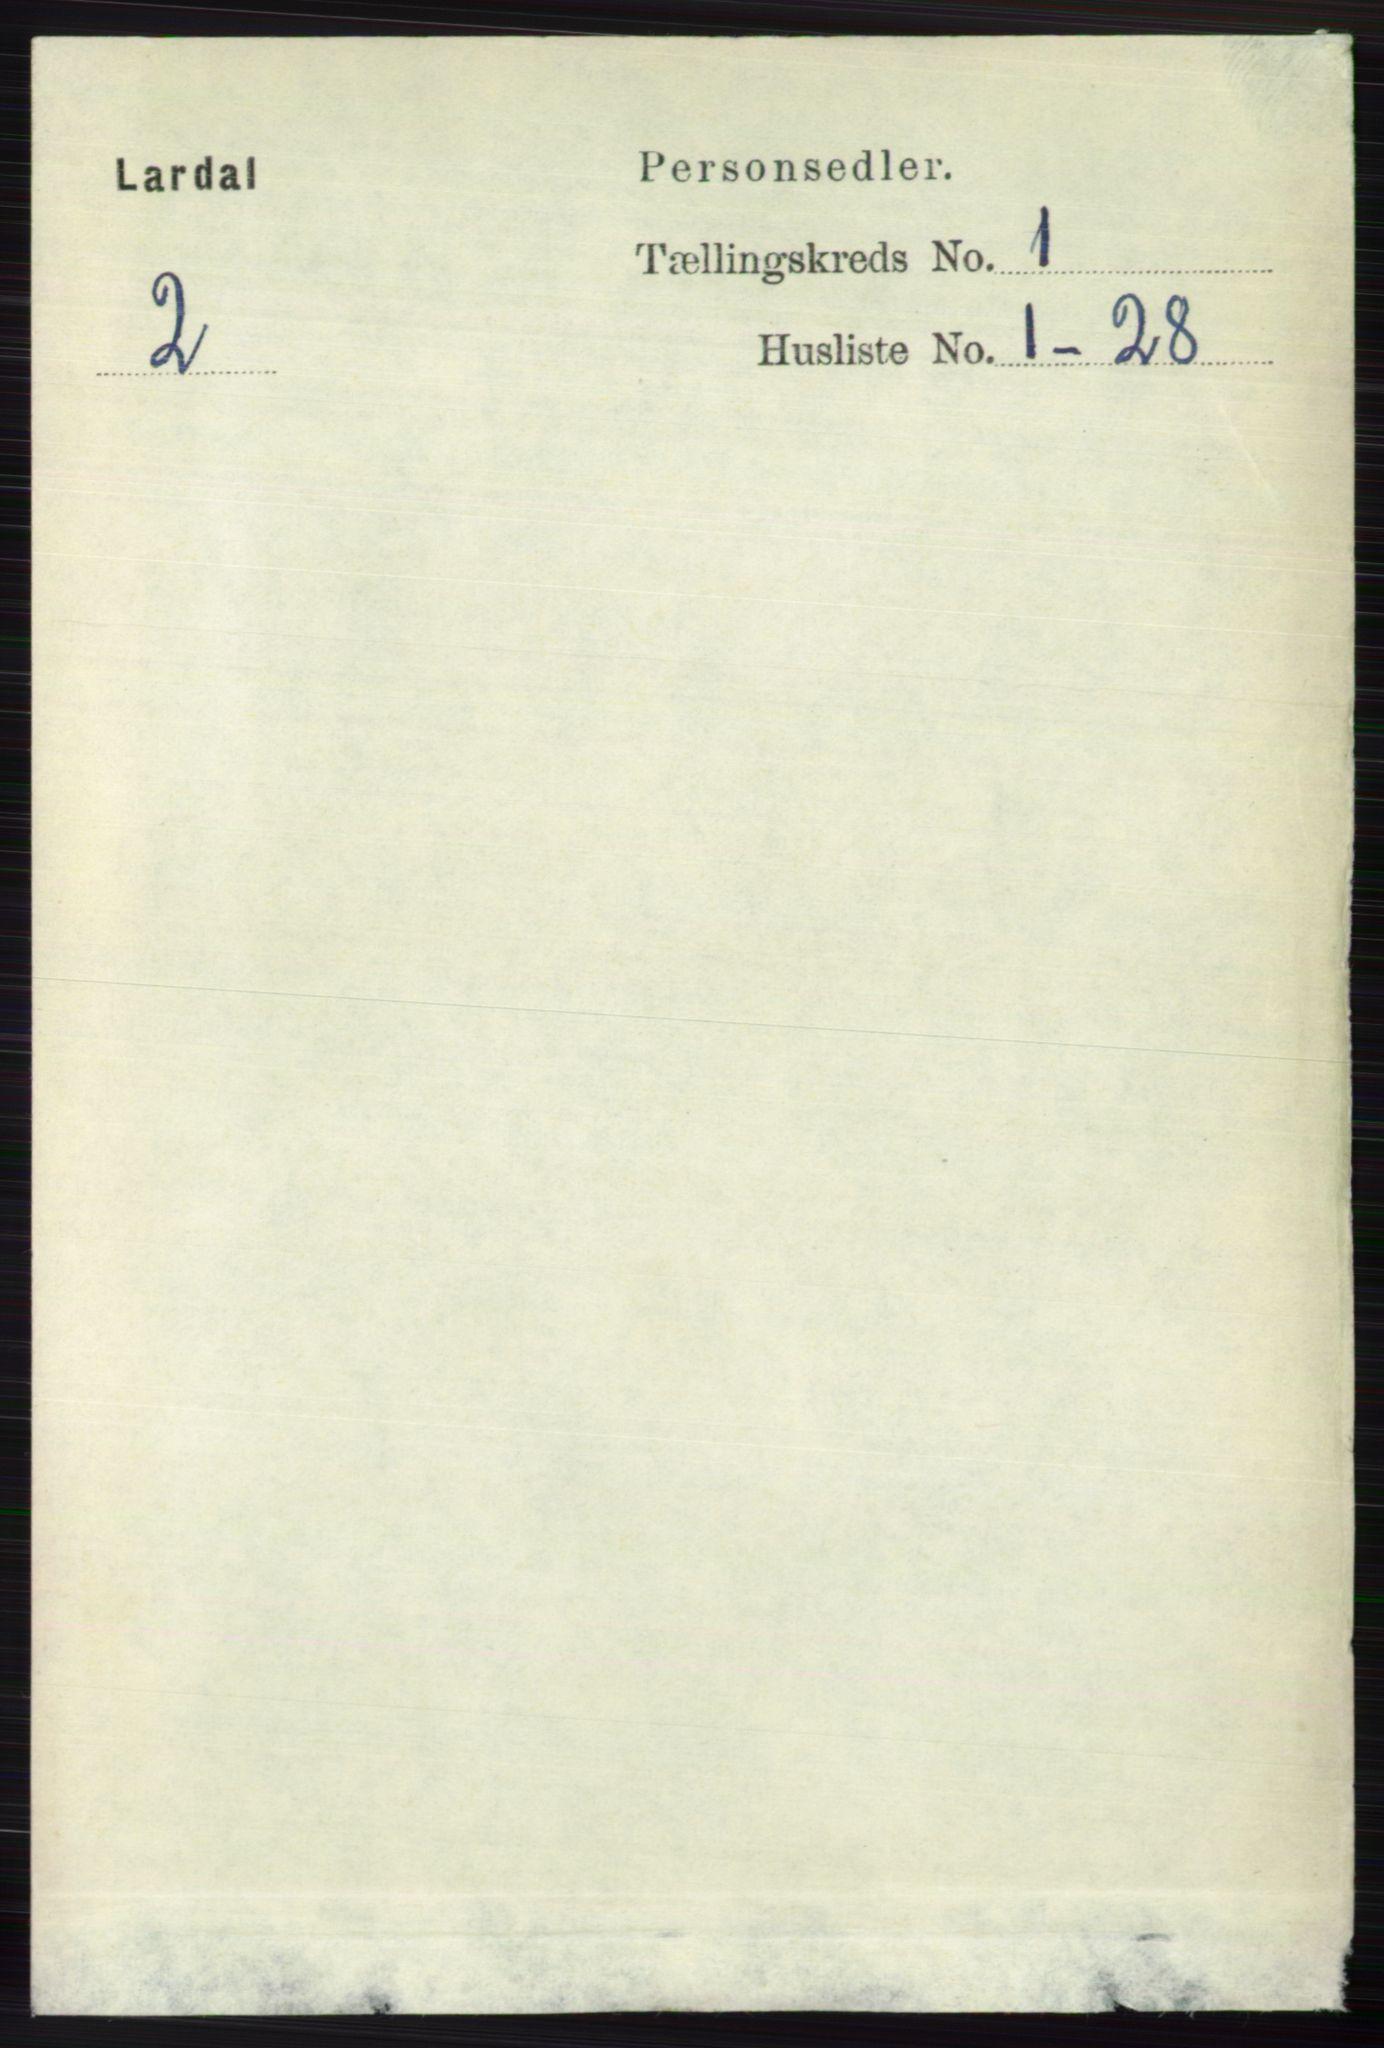 RA, Folketelling 1891 for 0728 Lardal herred, 1891, s. 114